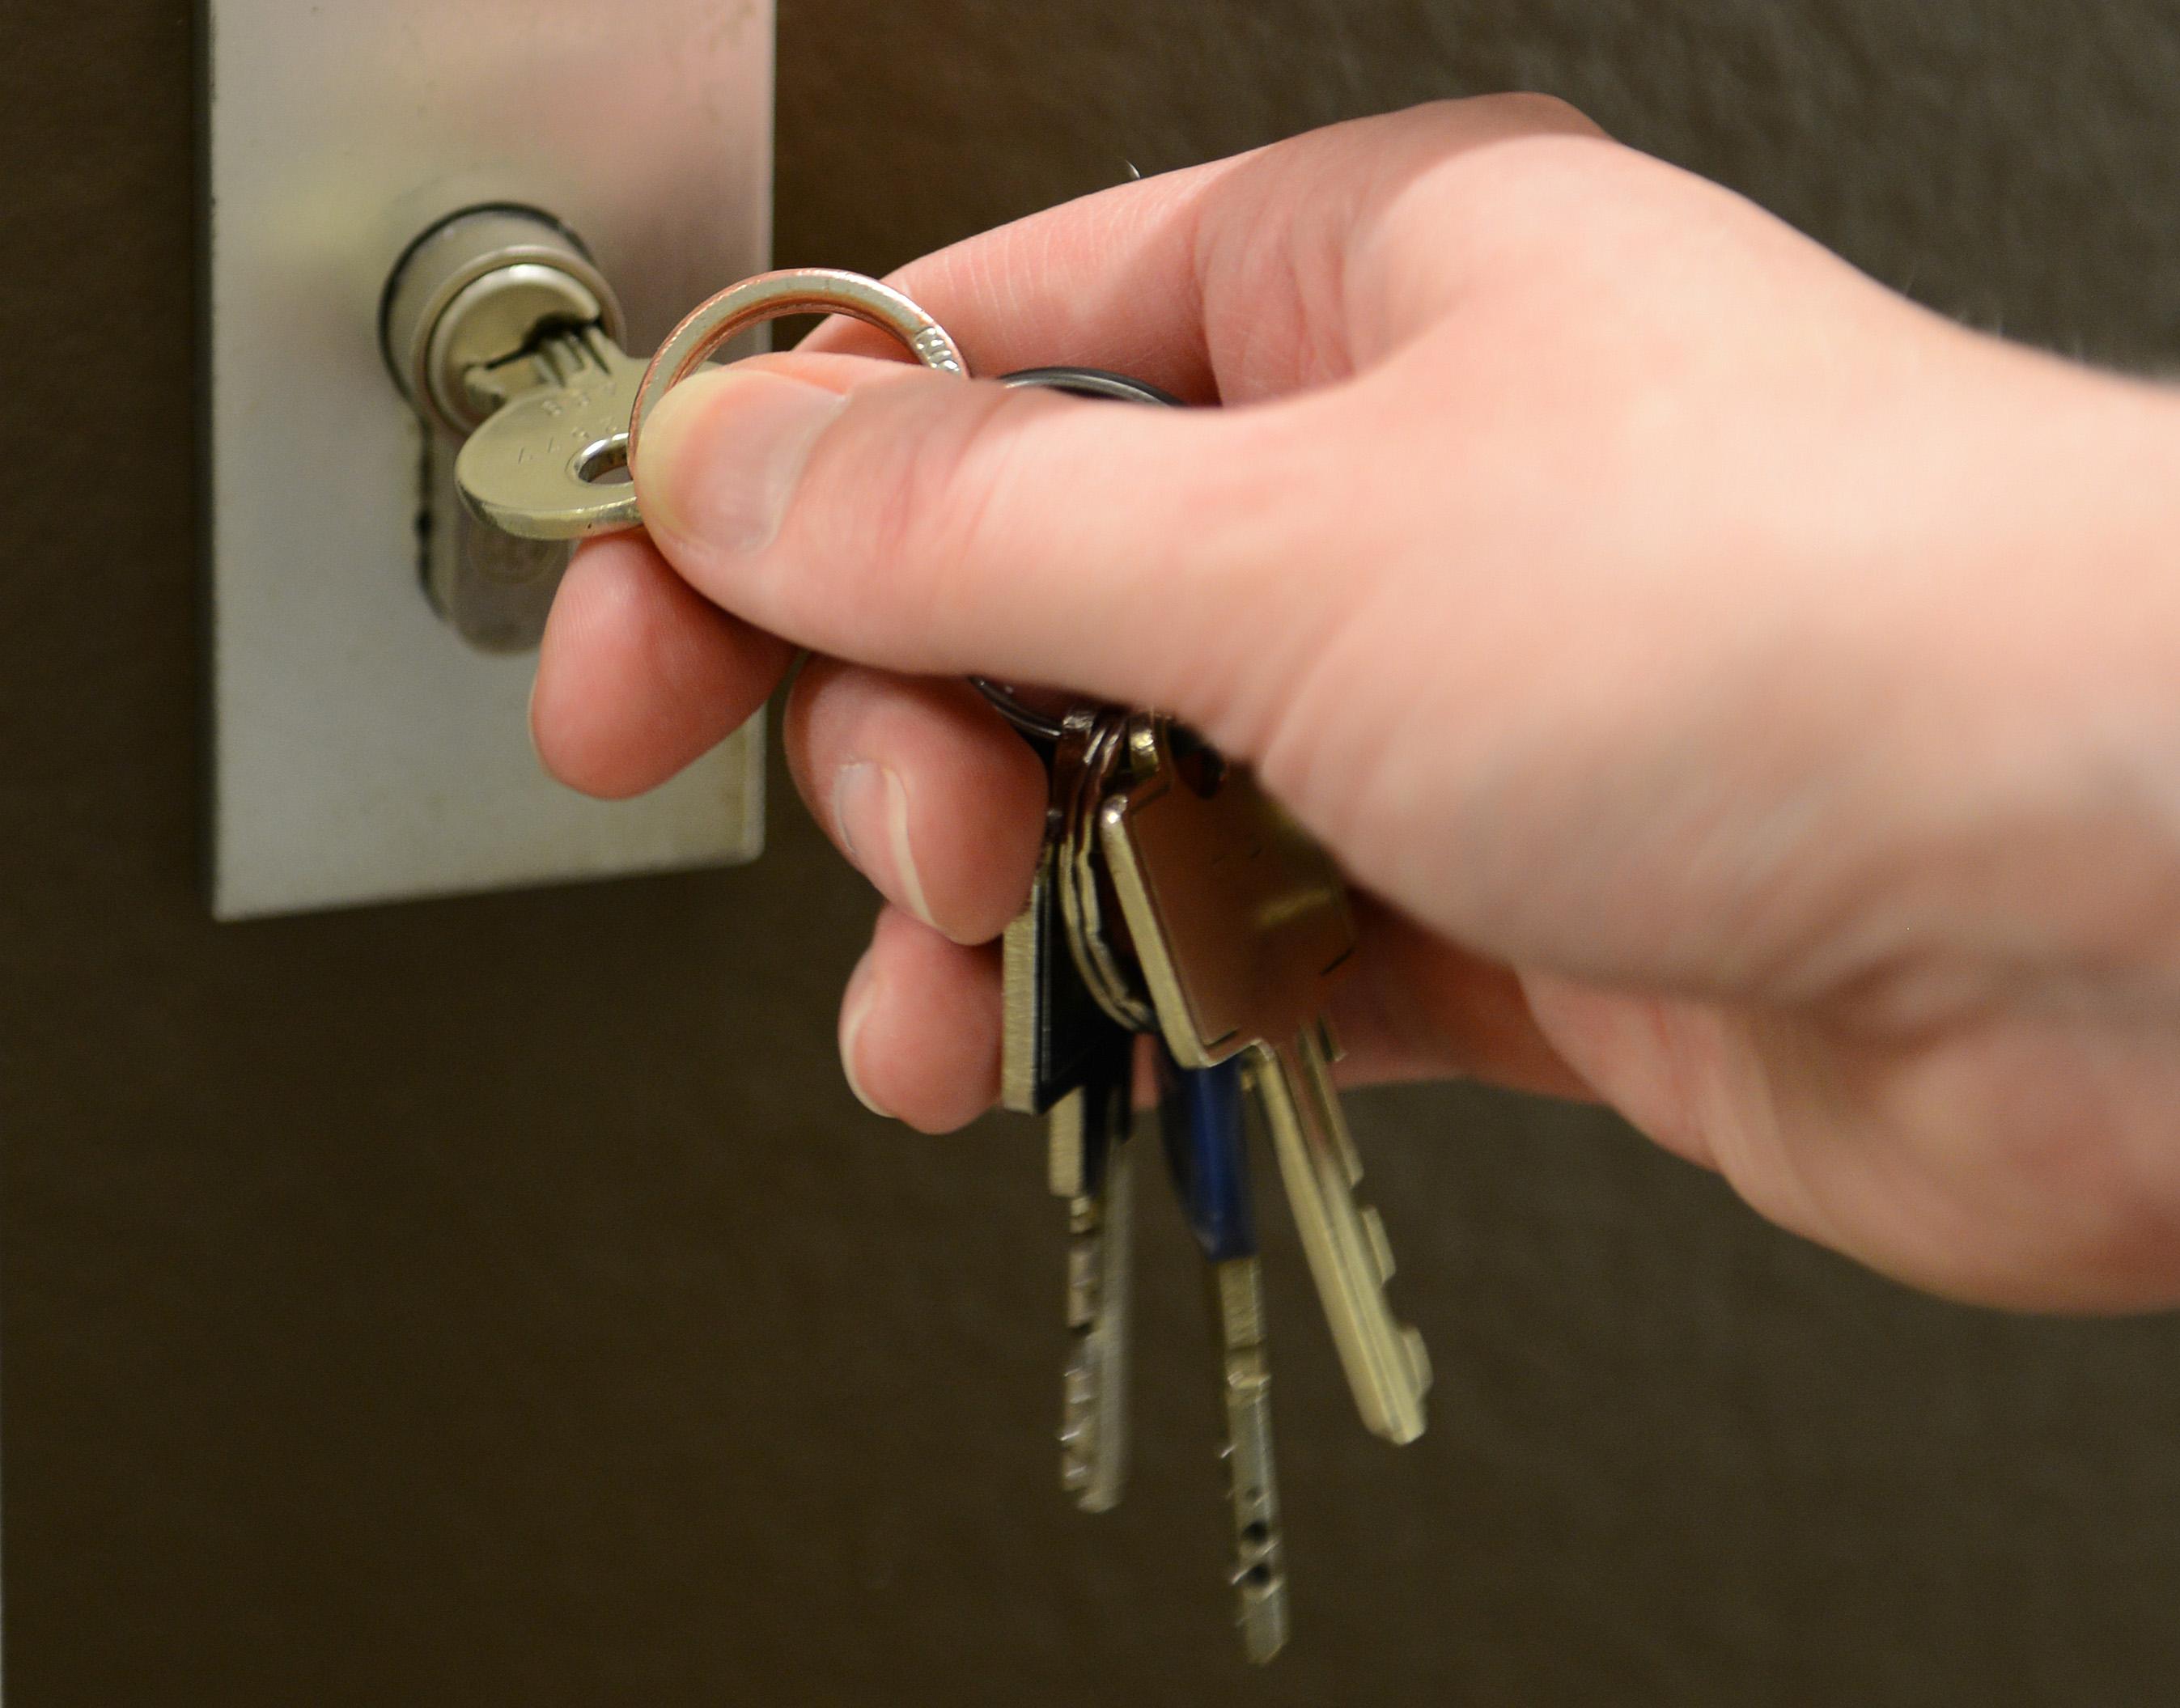 Foto mit einer Hand, die einen Schlüssel in ein Türschloss steckt